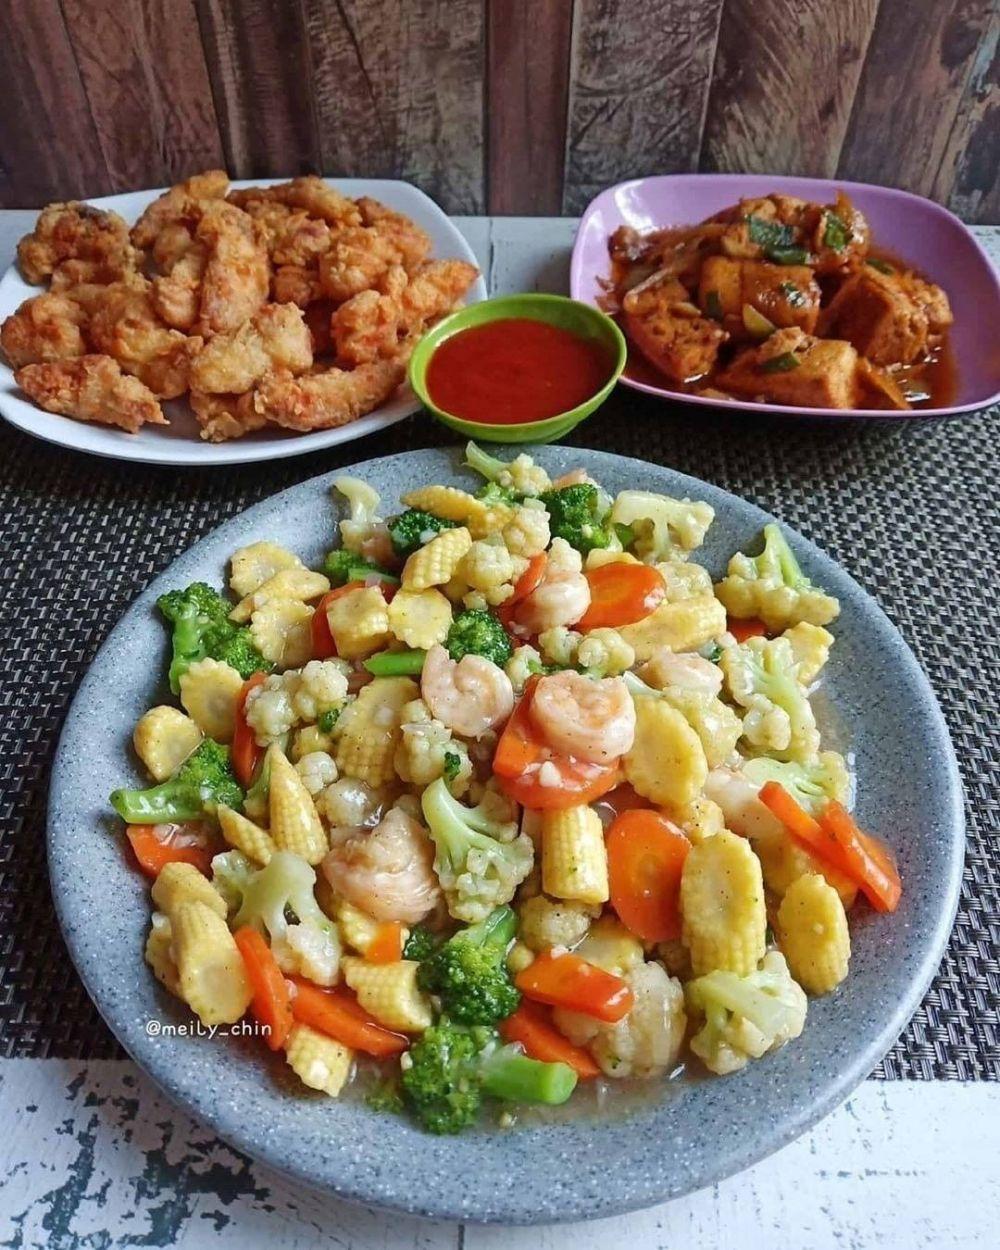 Resep Masakan Sederhana Untuk Pemula Instagram Resep Masakan Masakan Resep Masakan Cina